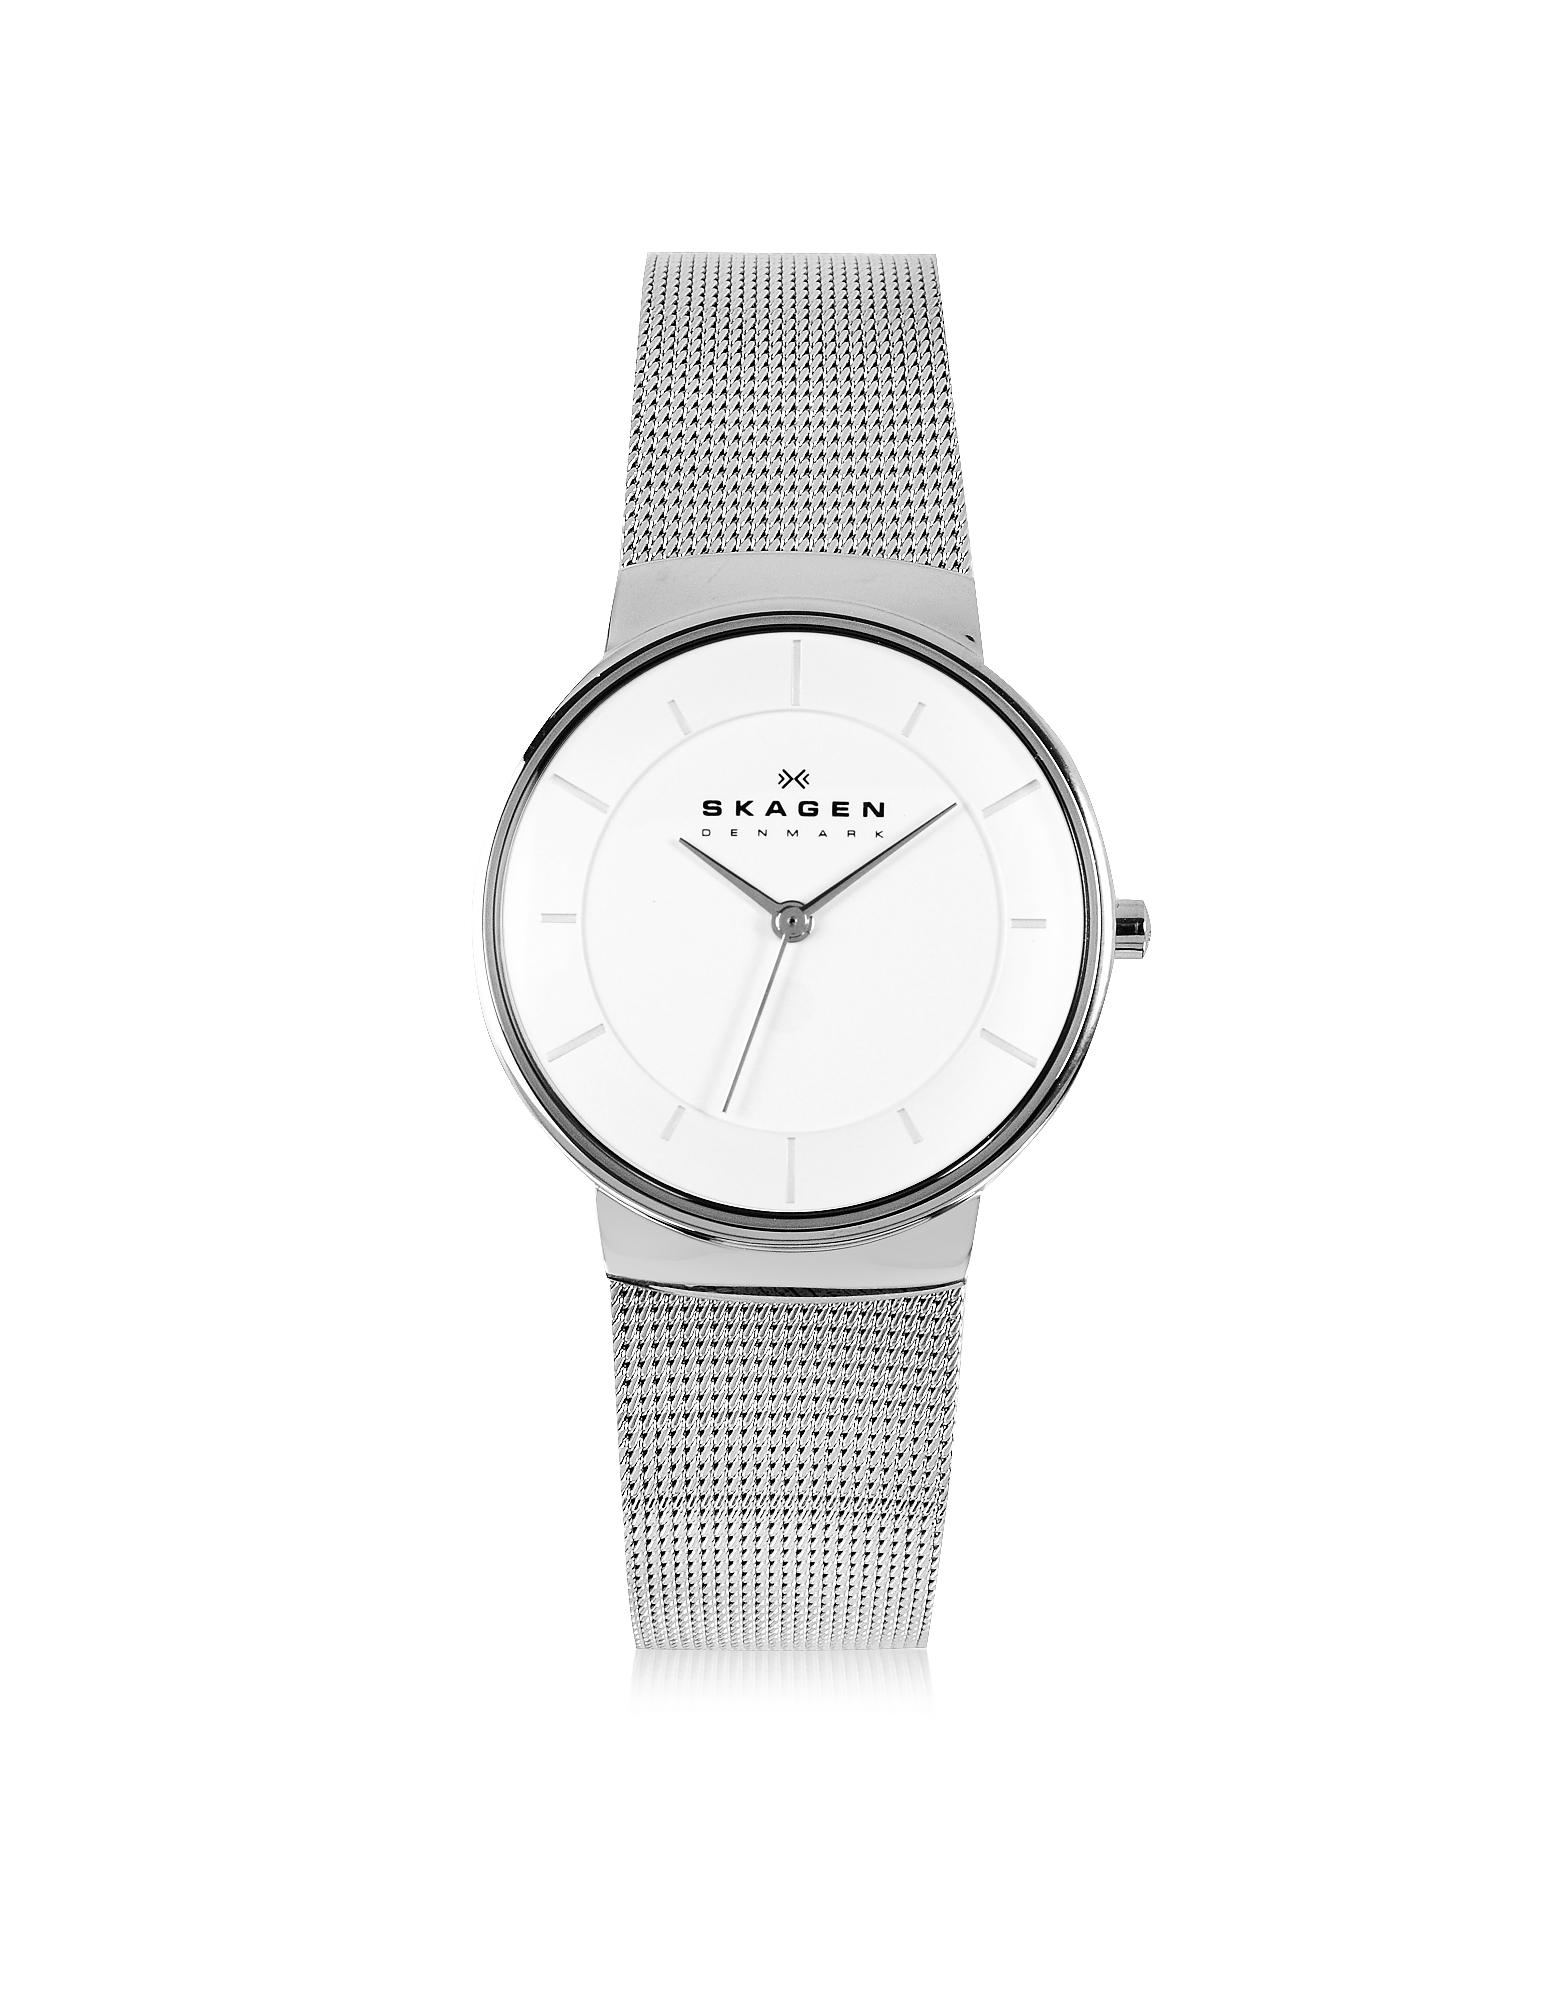 Skagen Women's Watches, Nicoline Stainless Steel Mesh Women's Watch